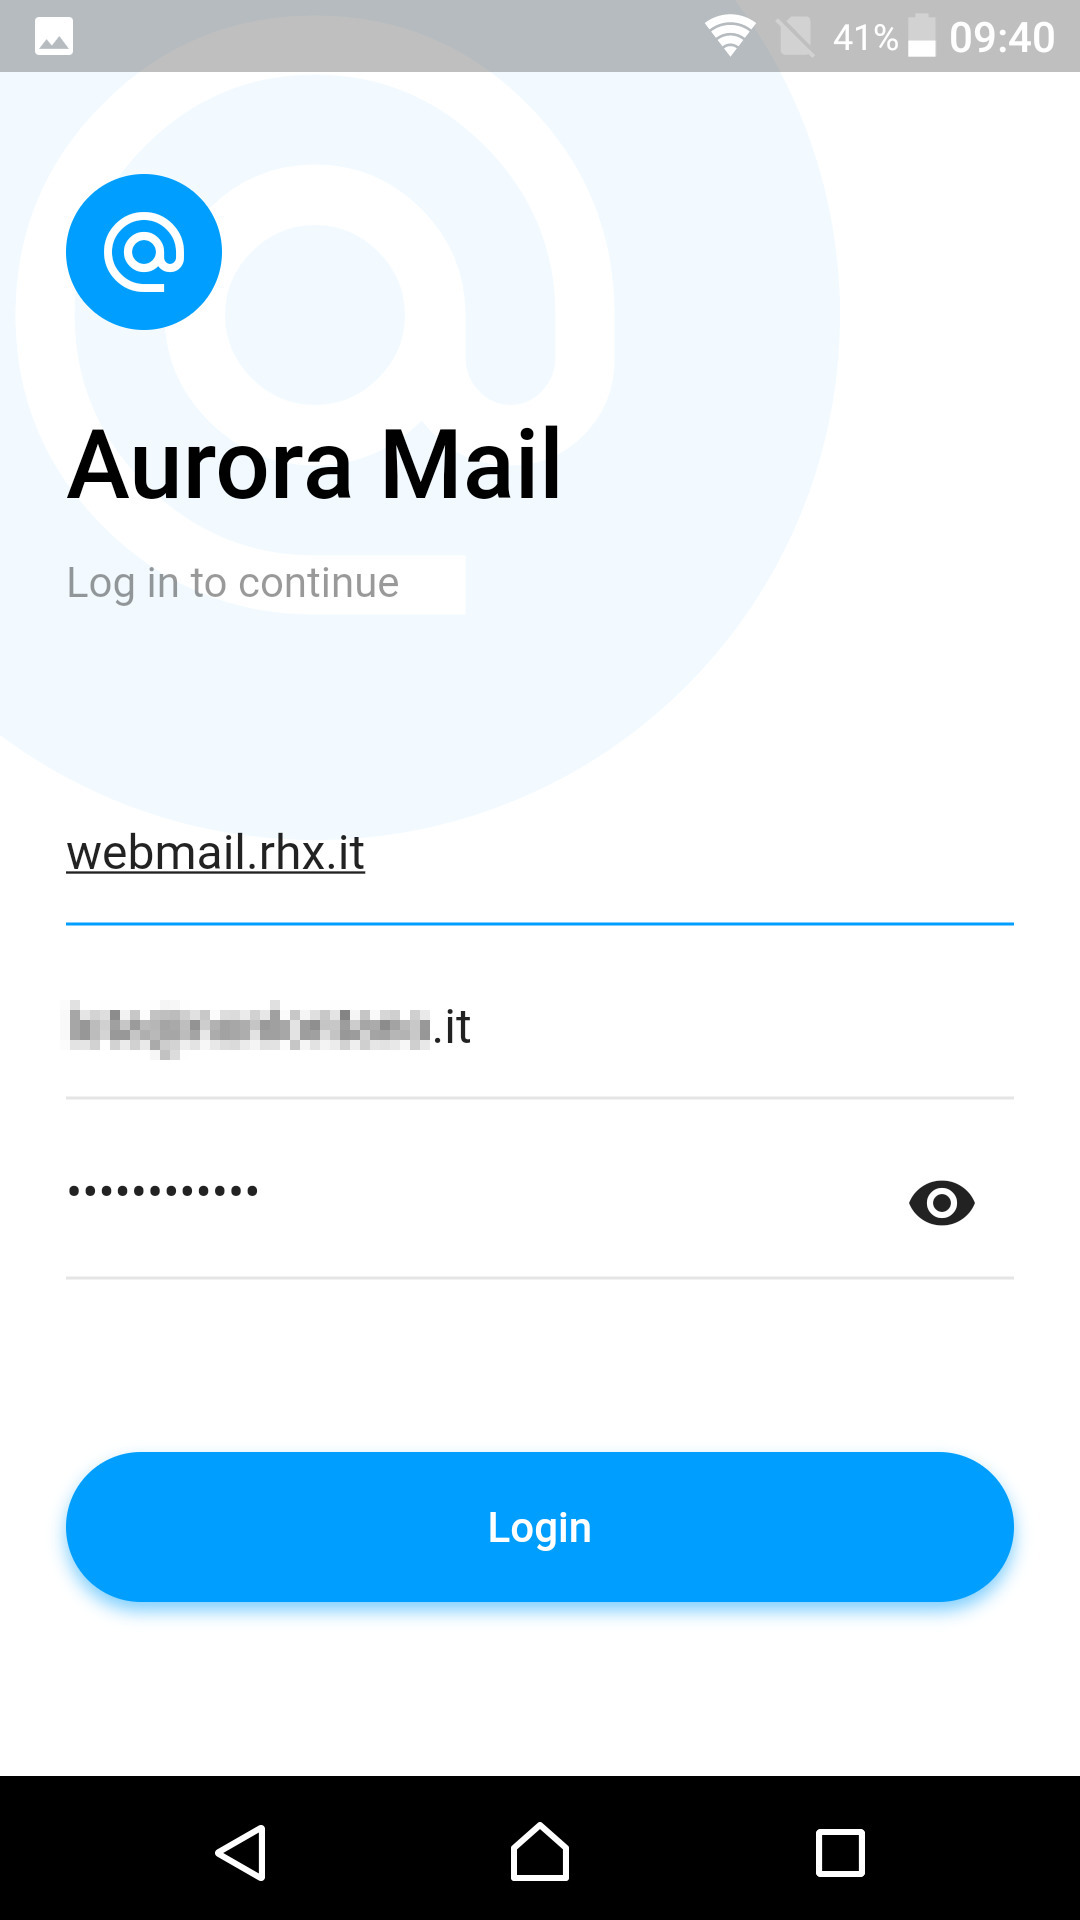 Accedere alle mail da Smartphone